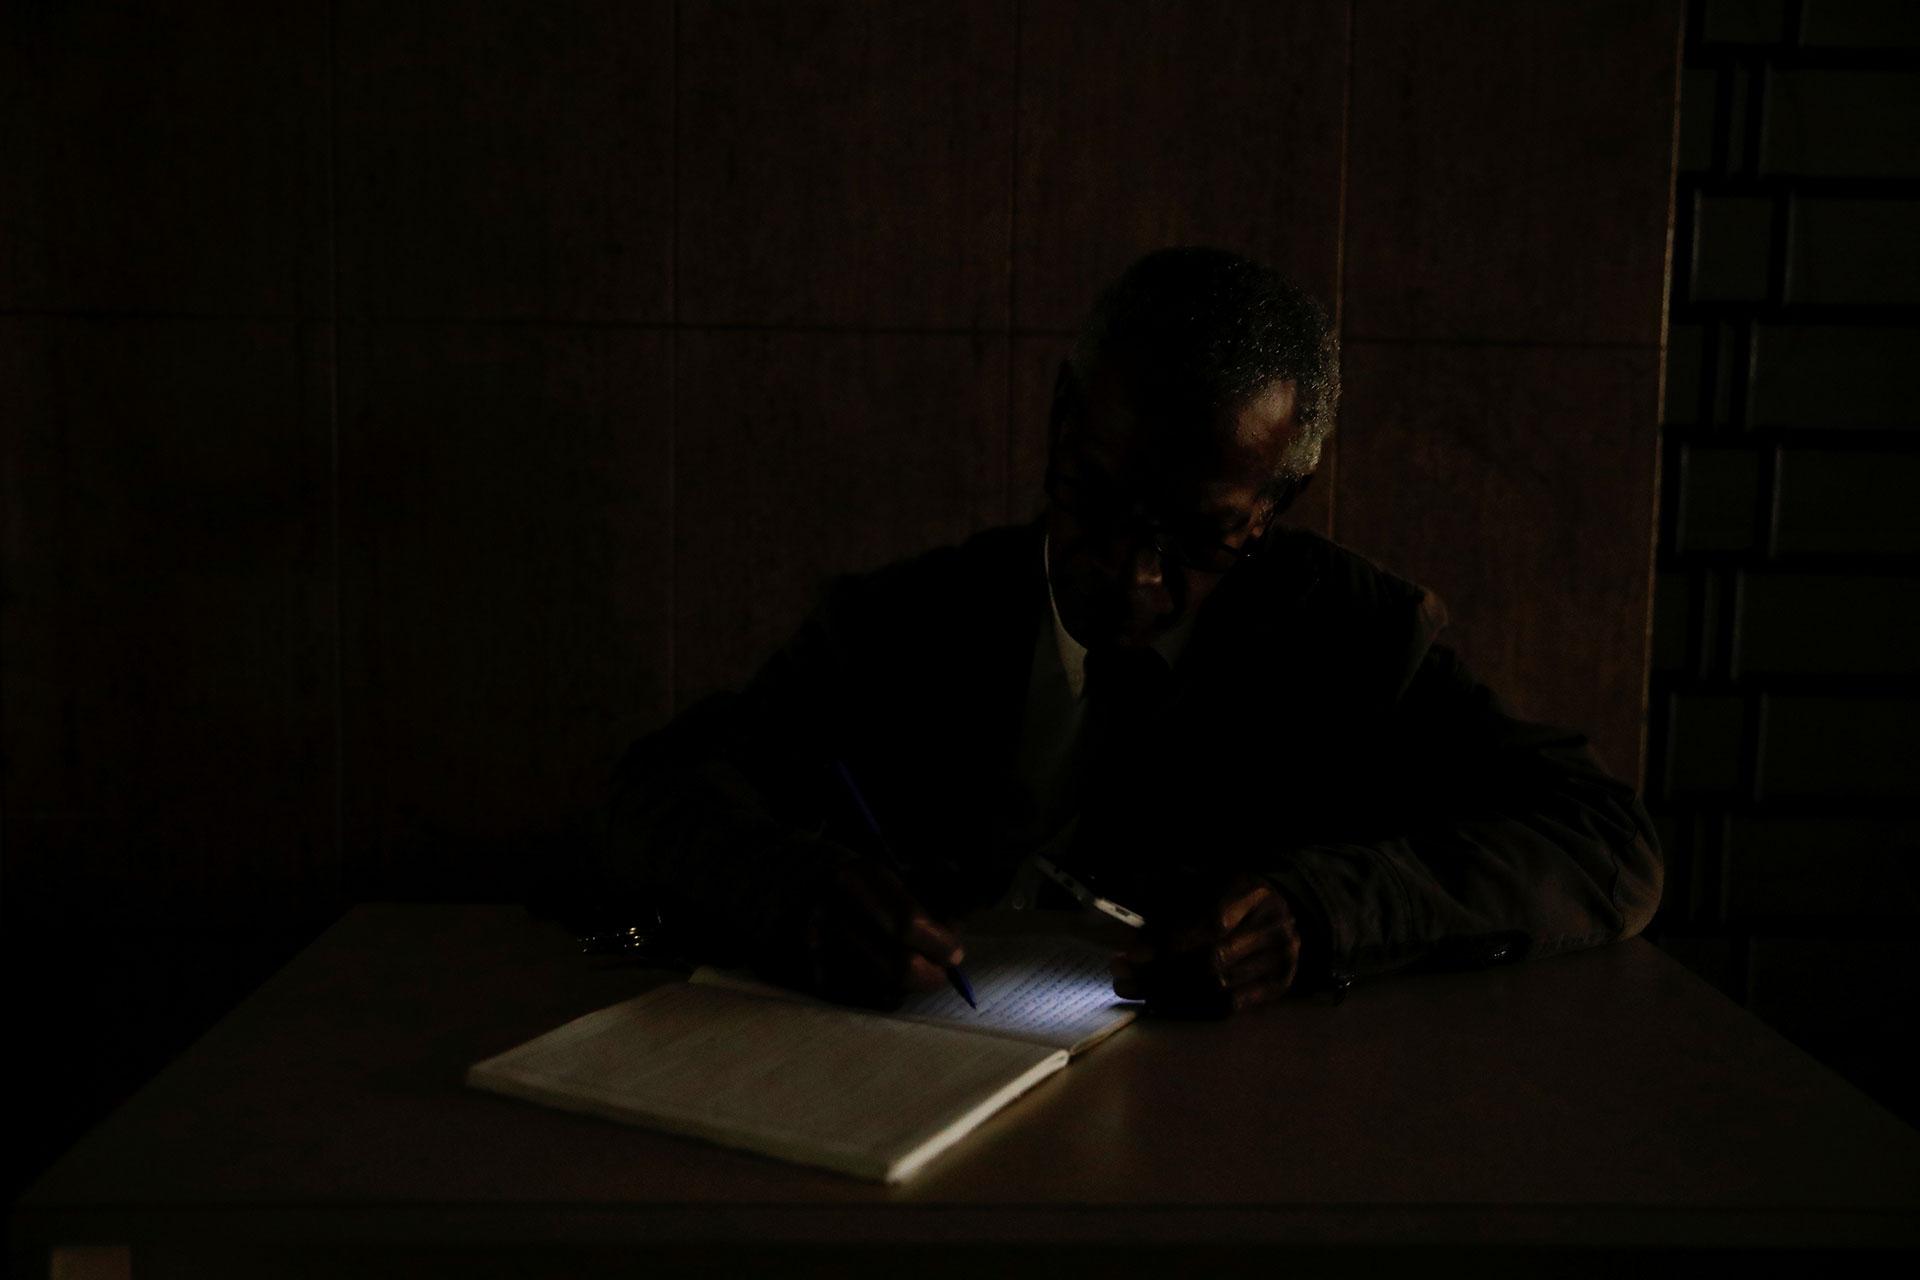 Un guardia de seguridad usa la linterna de su celular para iluminar un libro duranteel apagón masivo en Venezuela (Reuters)